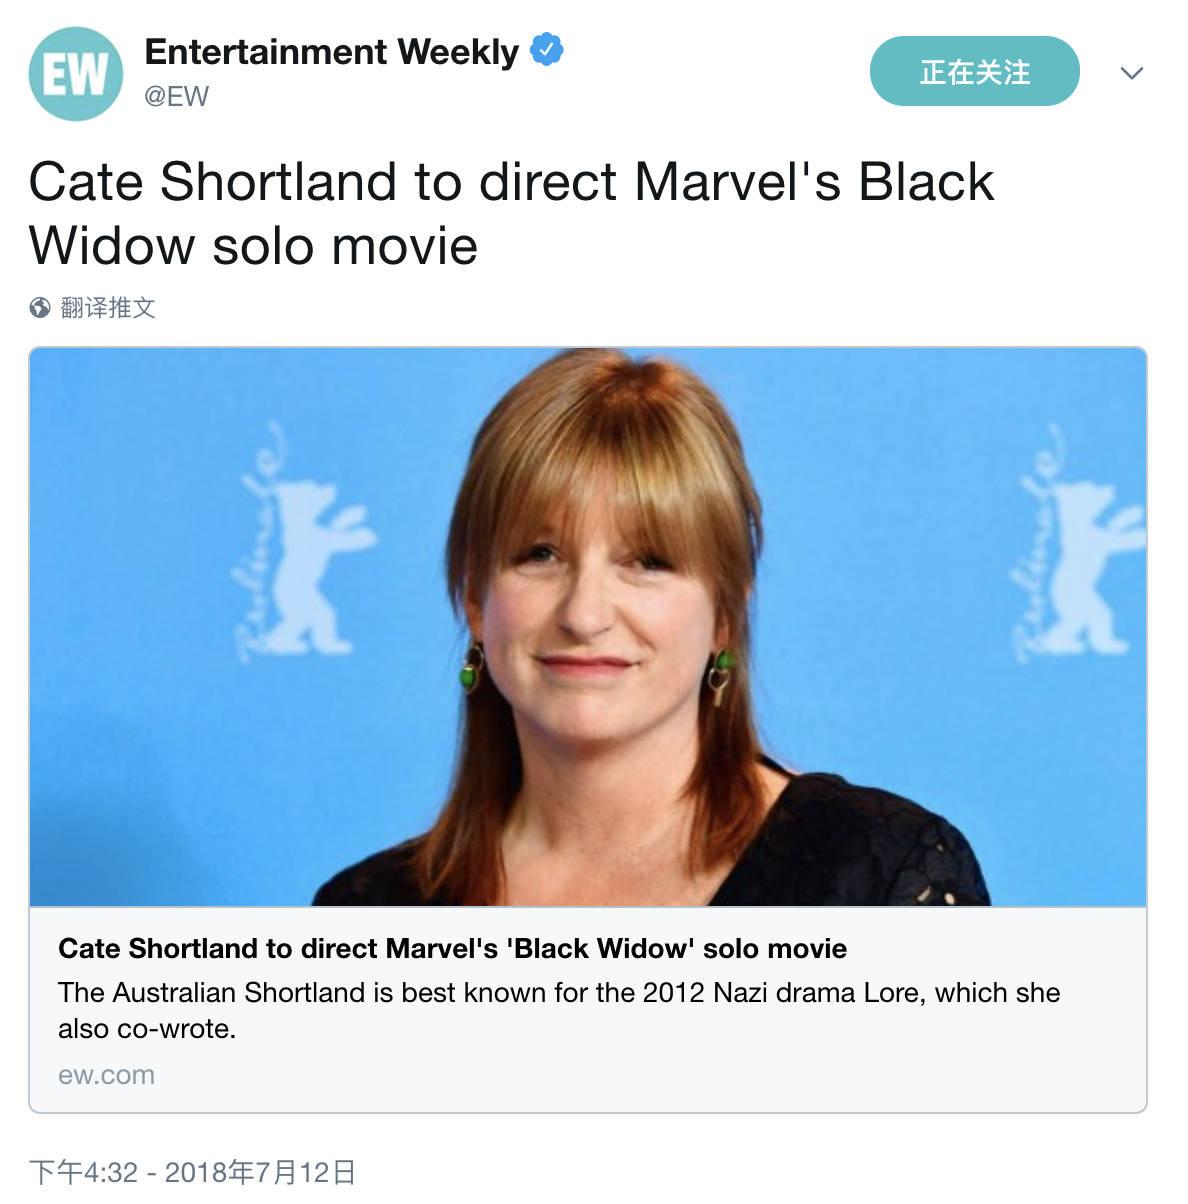 晚报:终于有黑寡妇的独立电影了!漫威第一